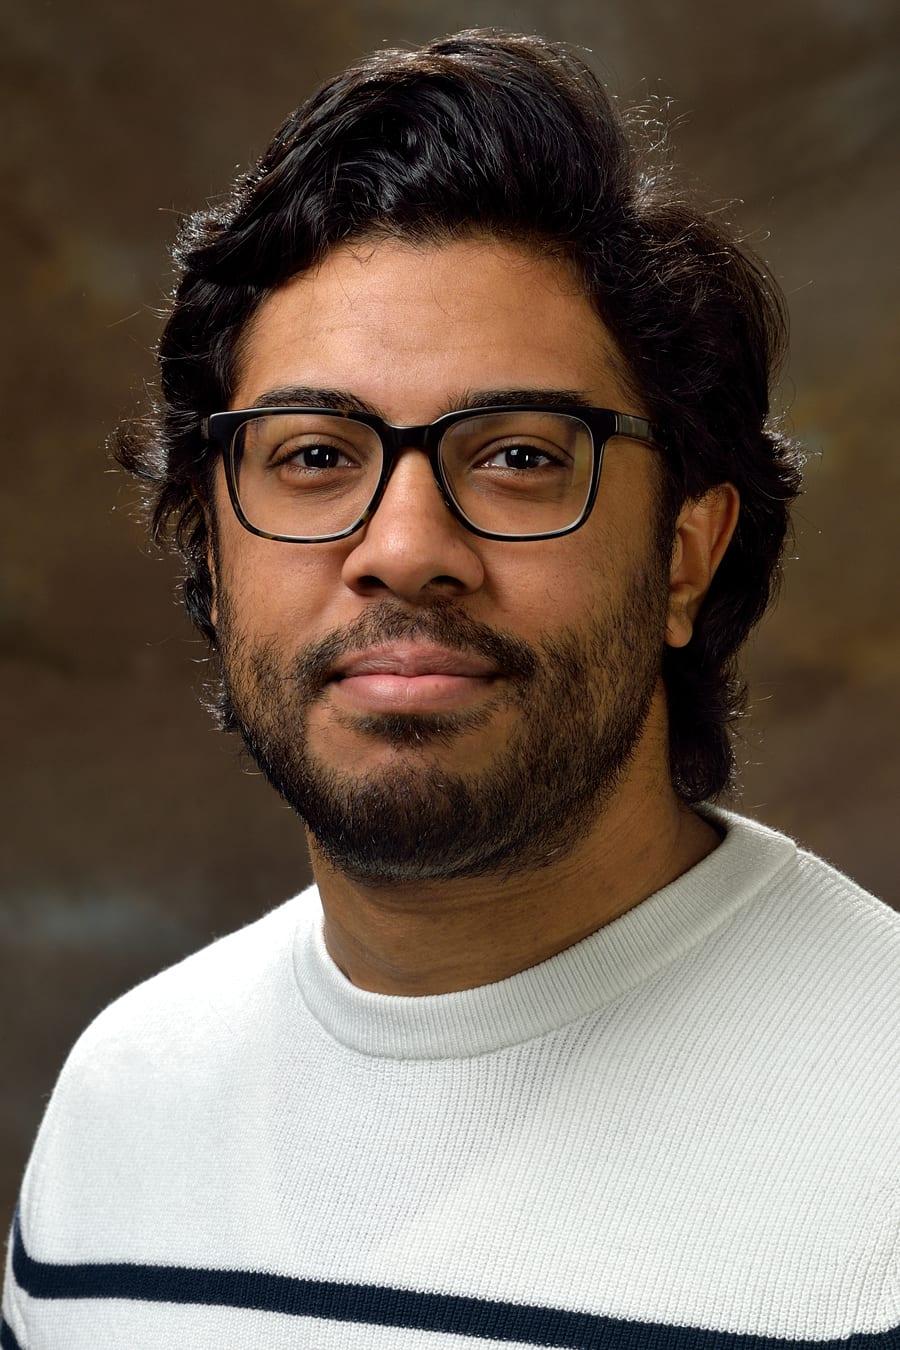 Juan LanFranco